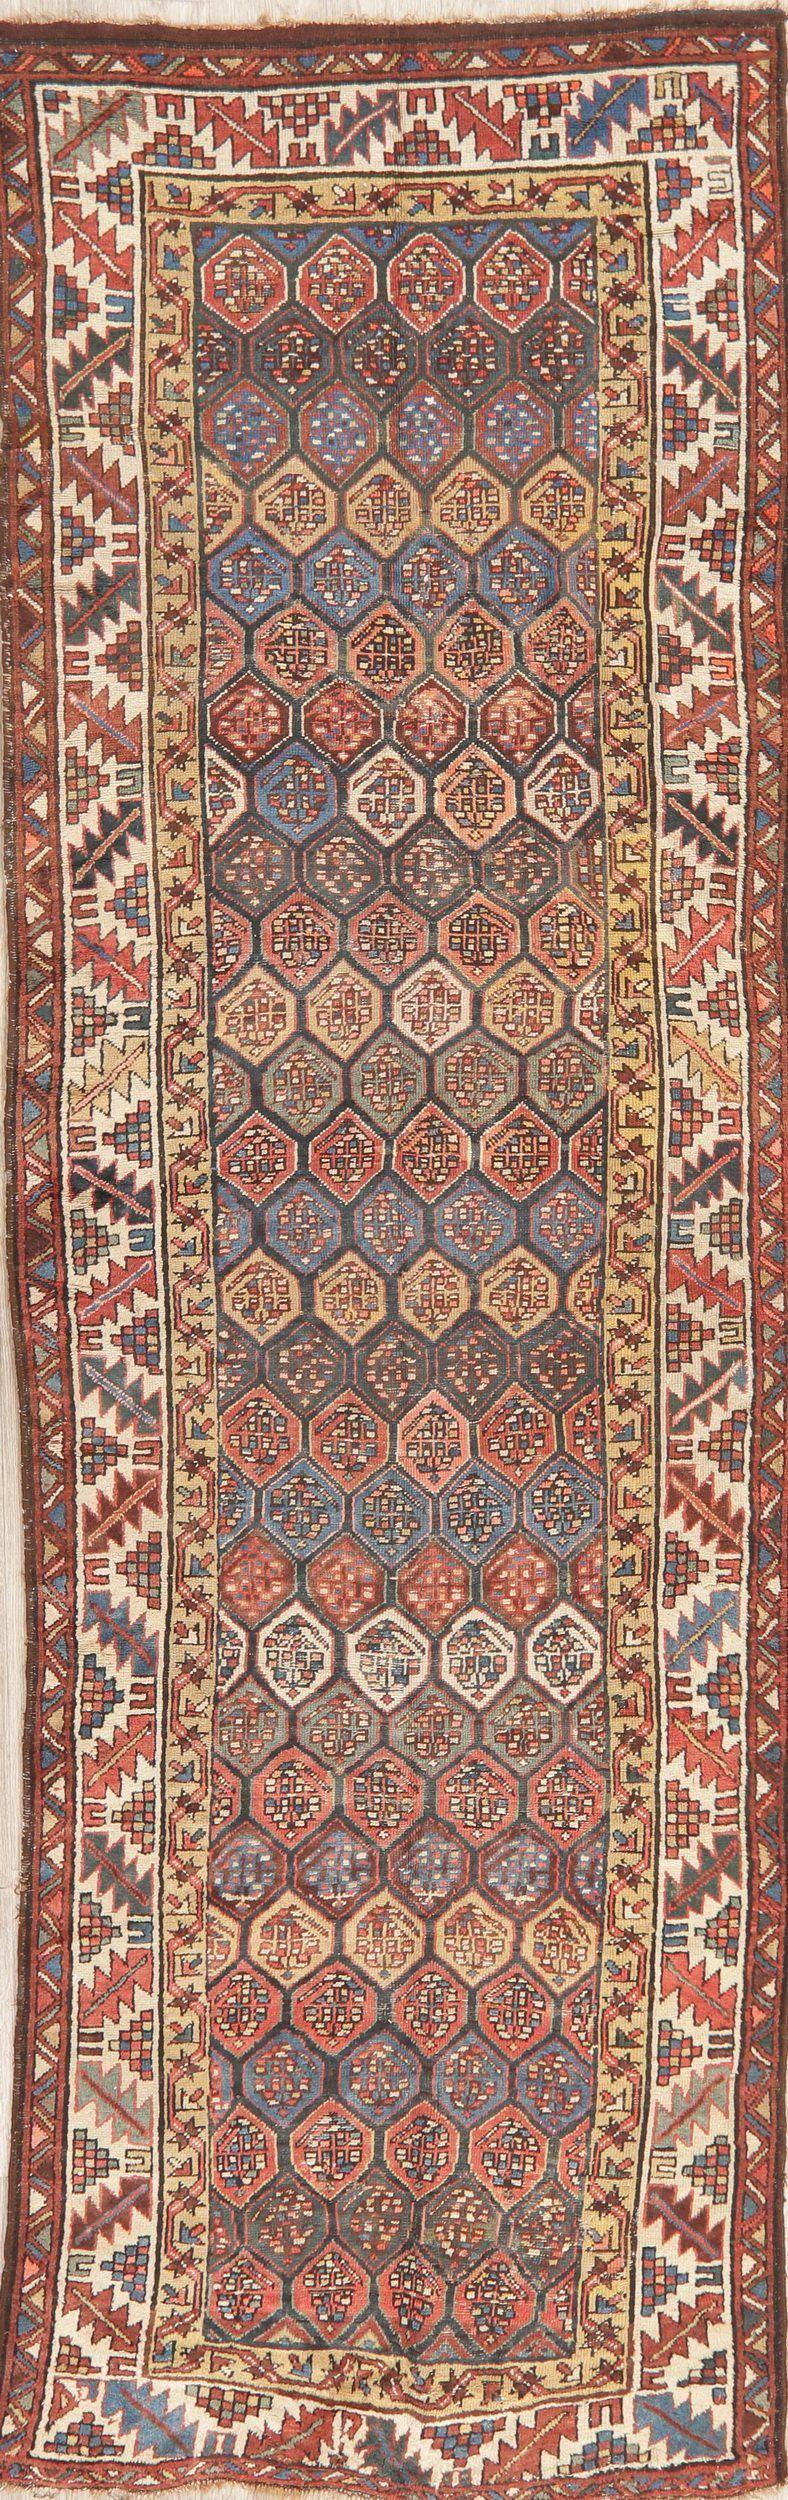 Pre-1900 Antique Vegetable Dye Kazak Caucasian Runner